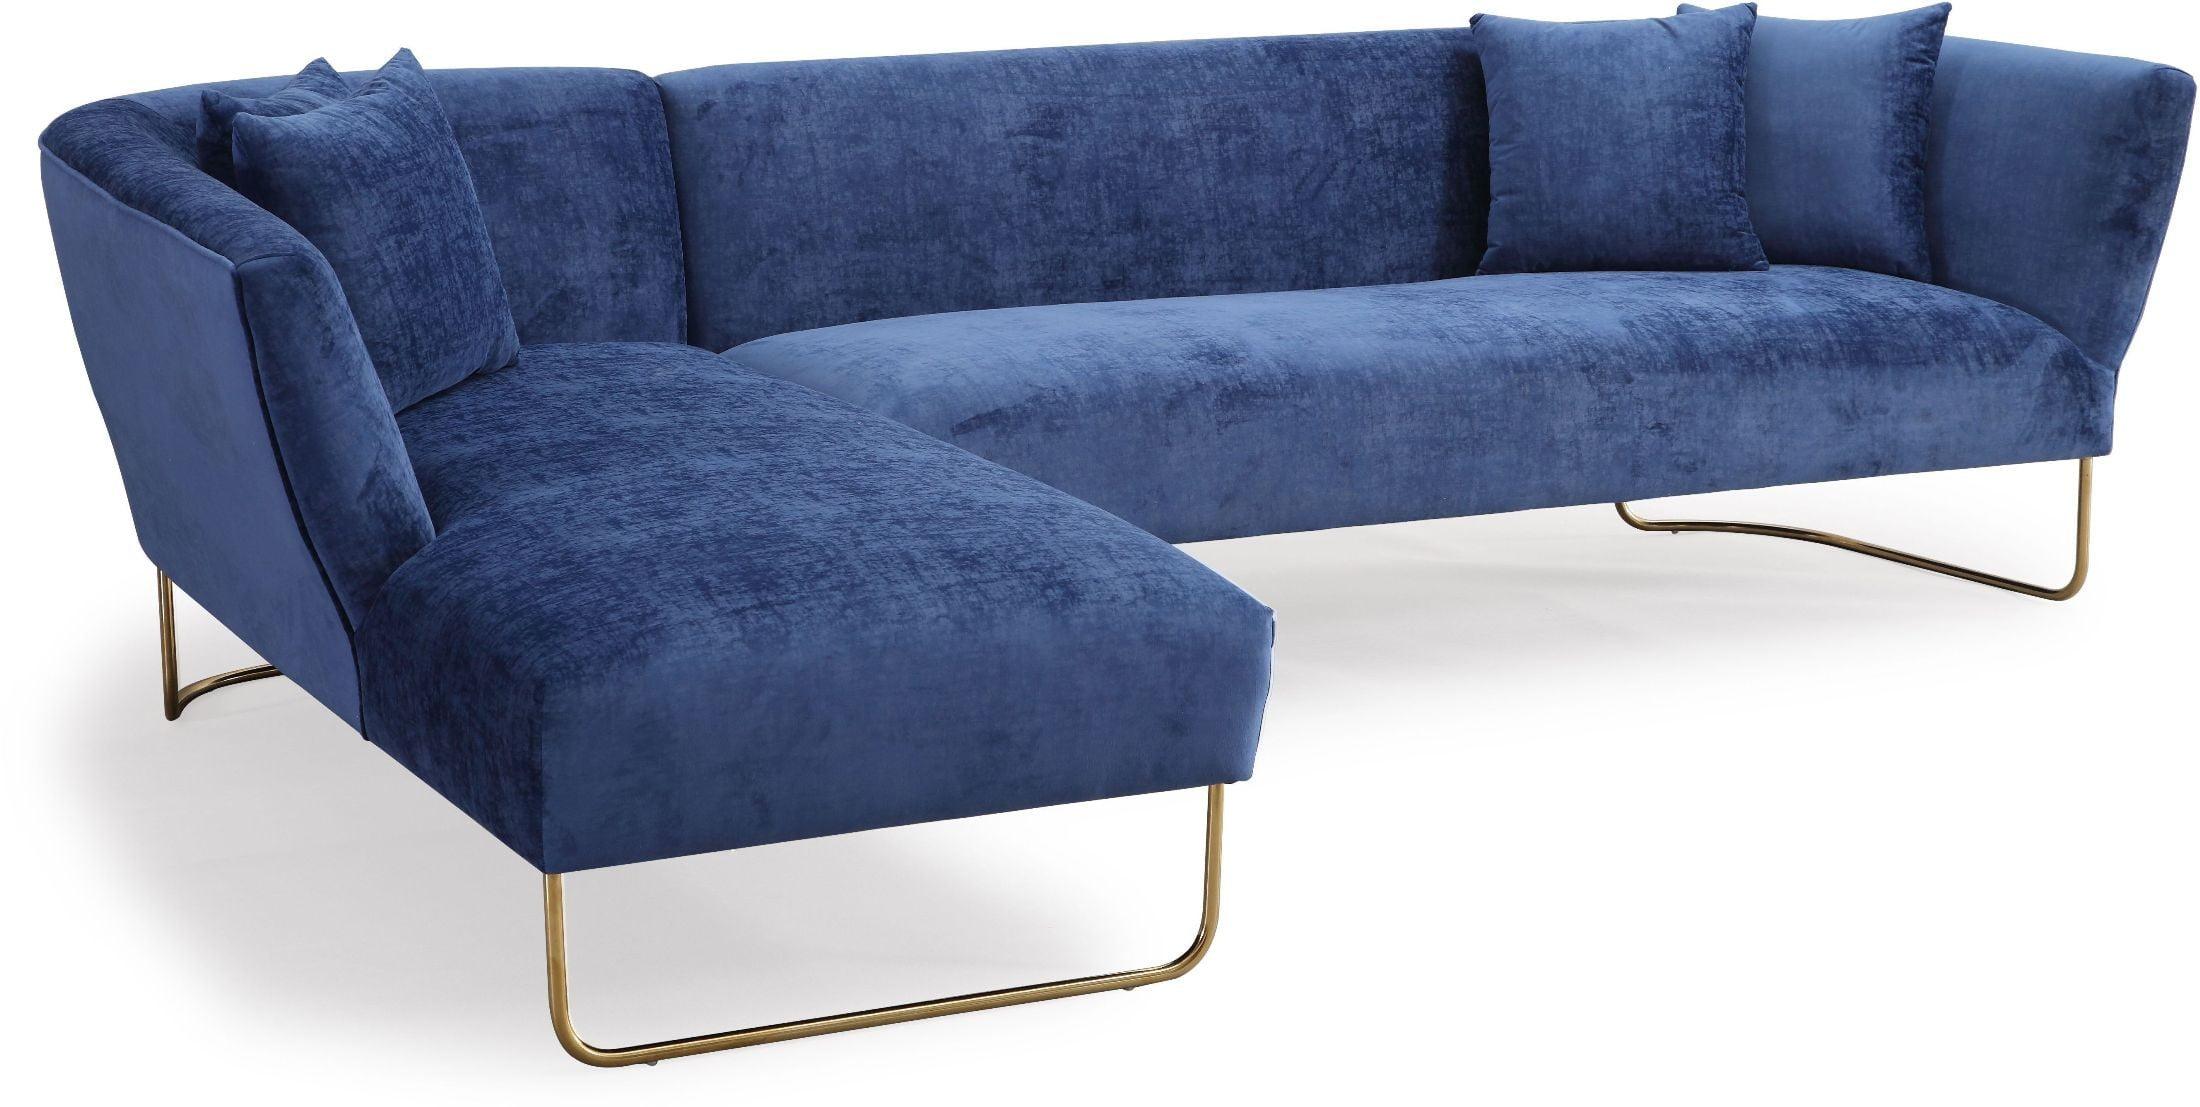 Caprice Furniture Discount Code